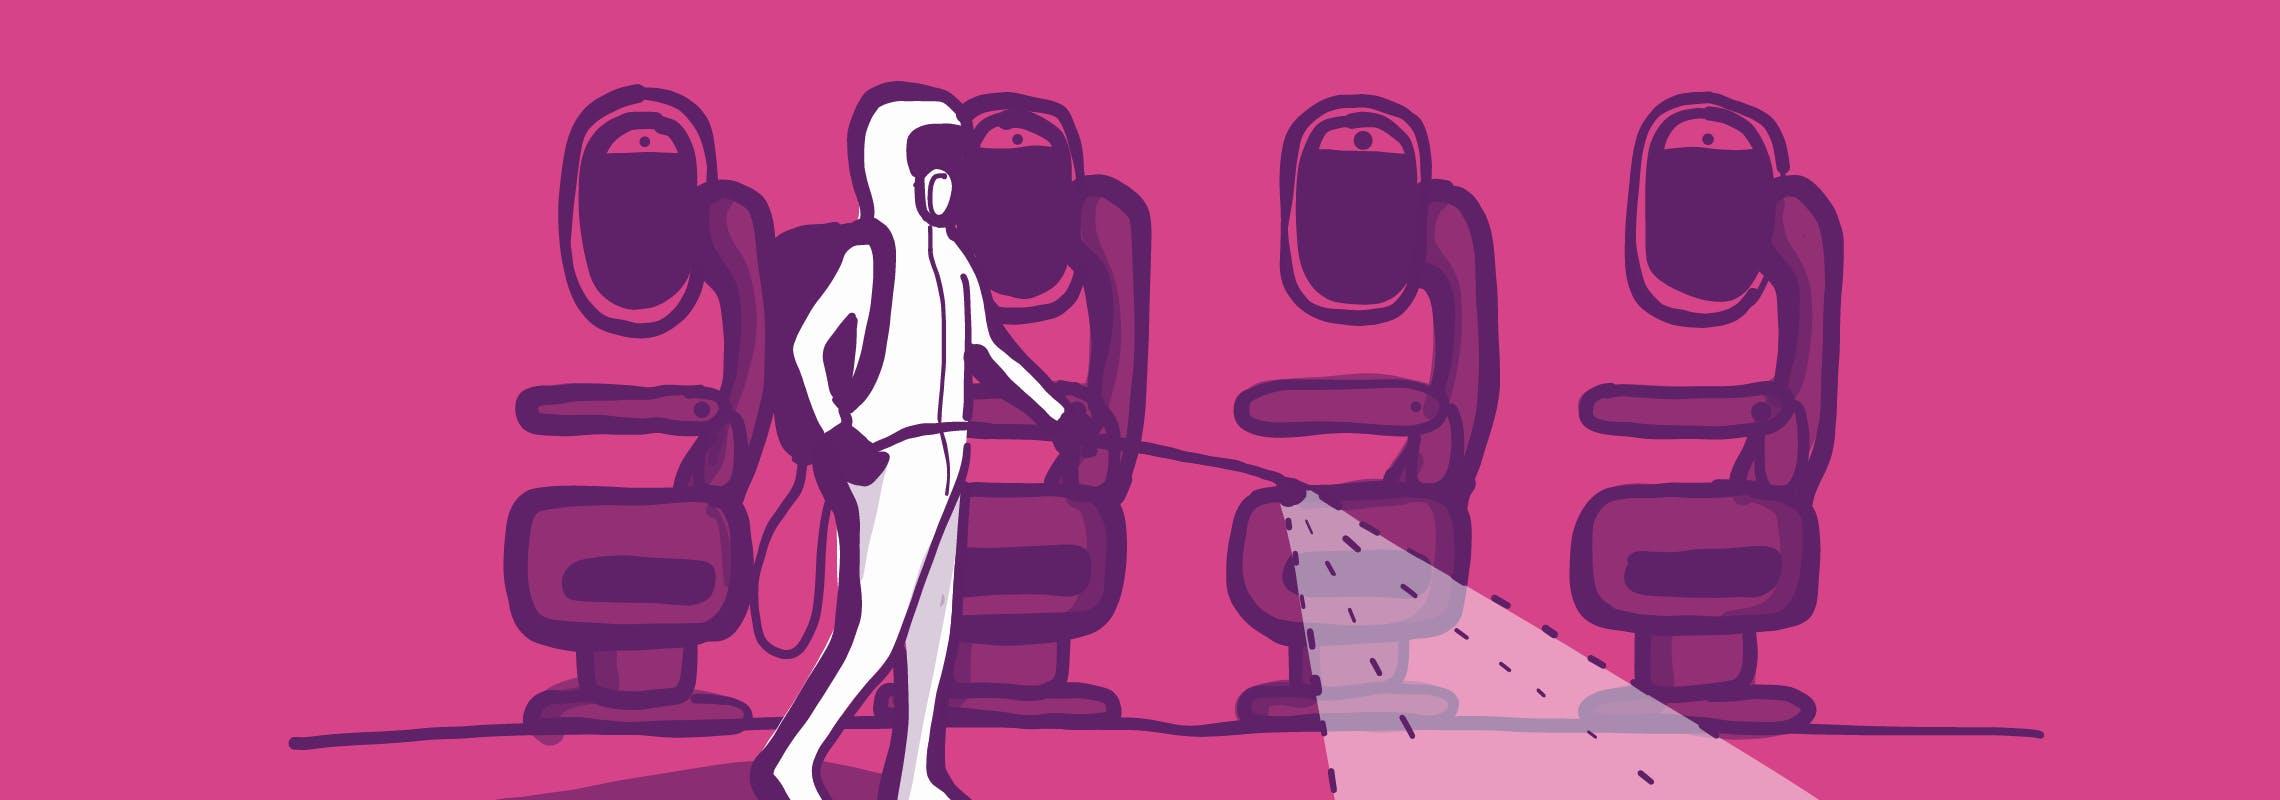 Illustration: disinfecting airplane in hazmat suit